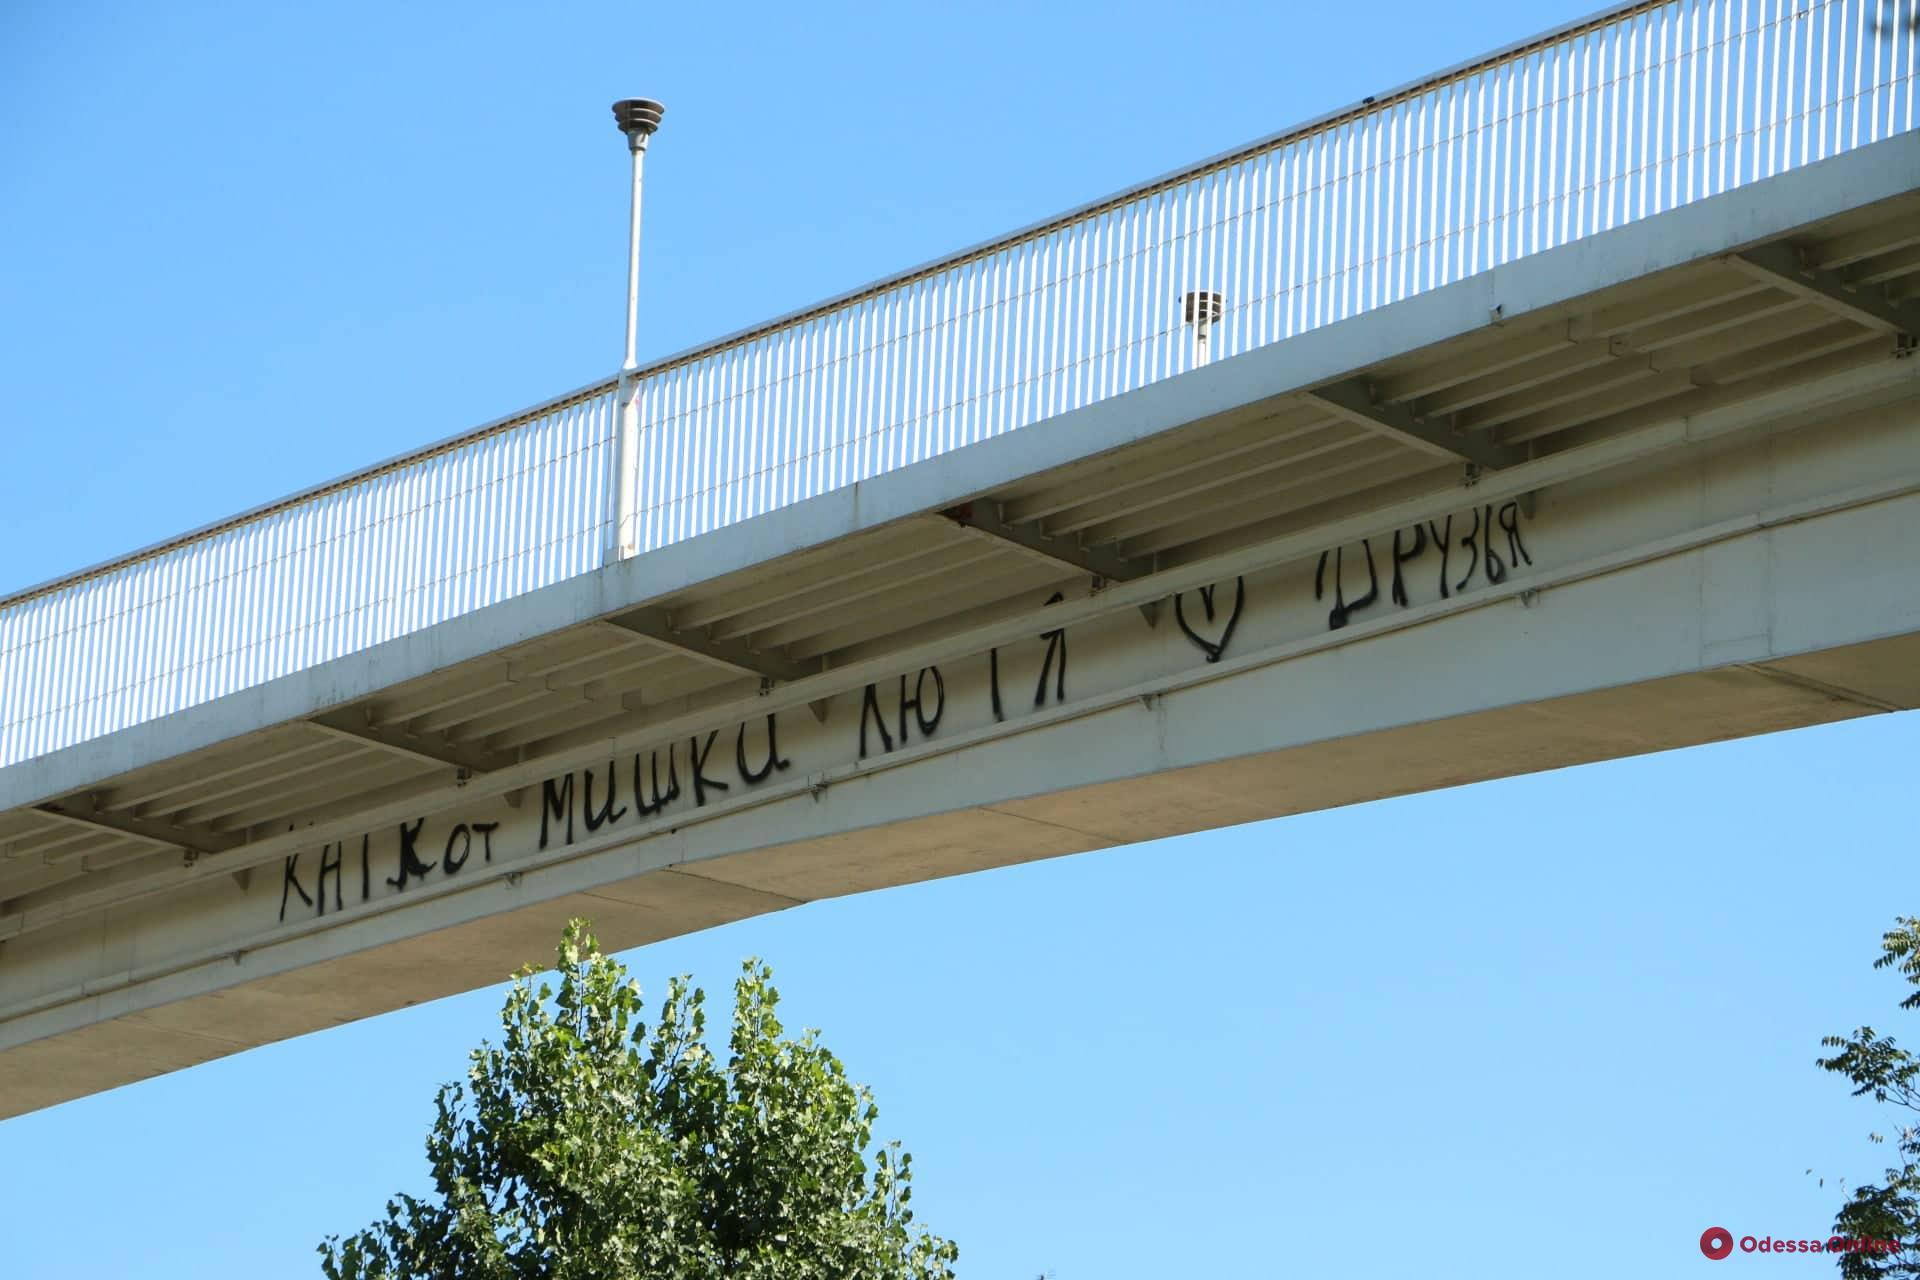 На Тещином мосту экстремал оставил любовное признание (фотофакт)